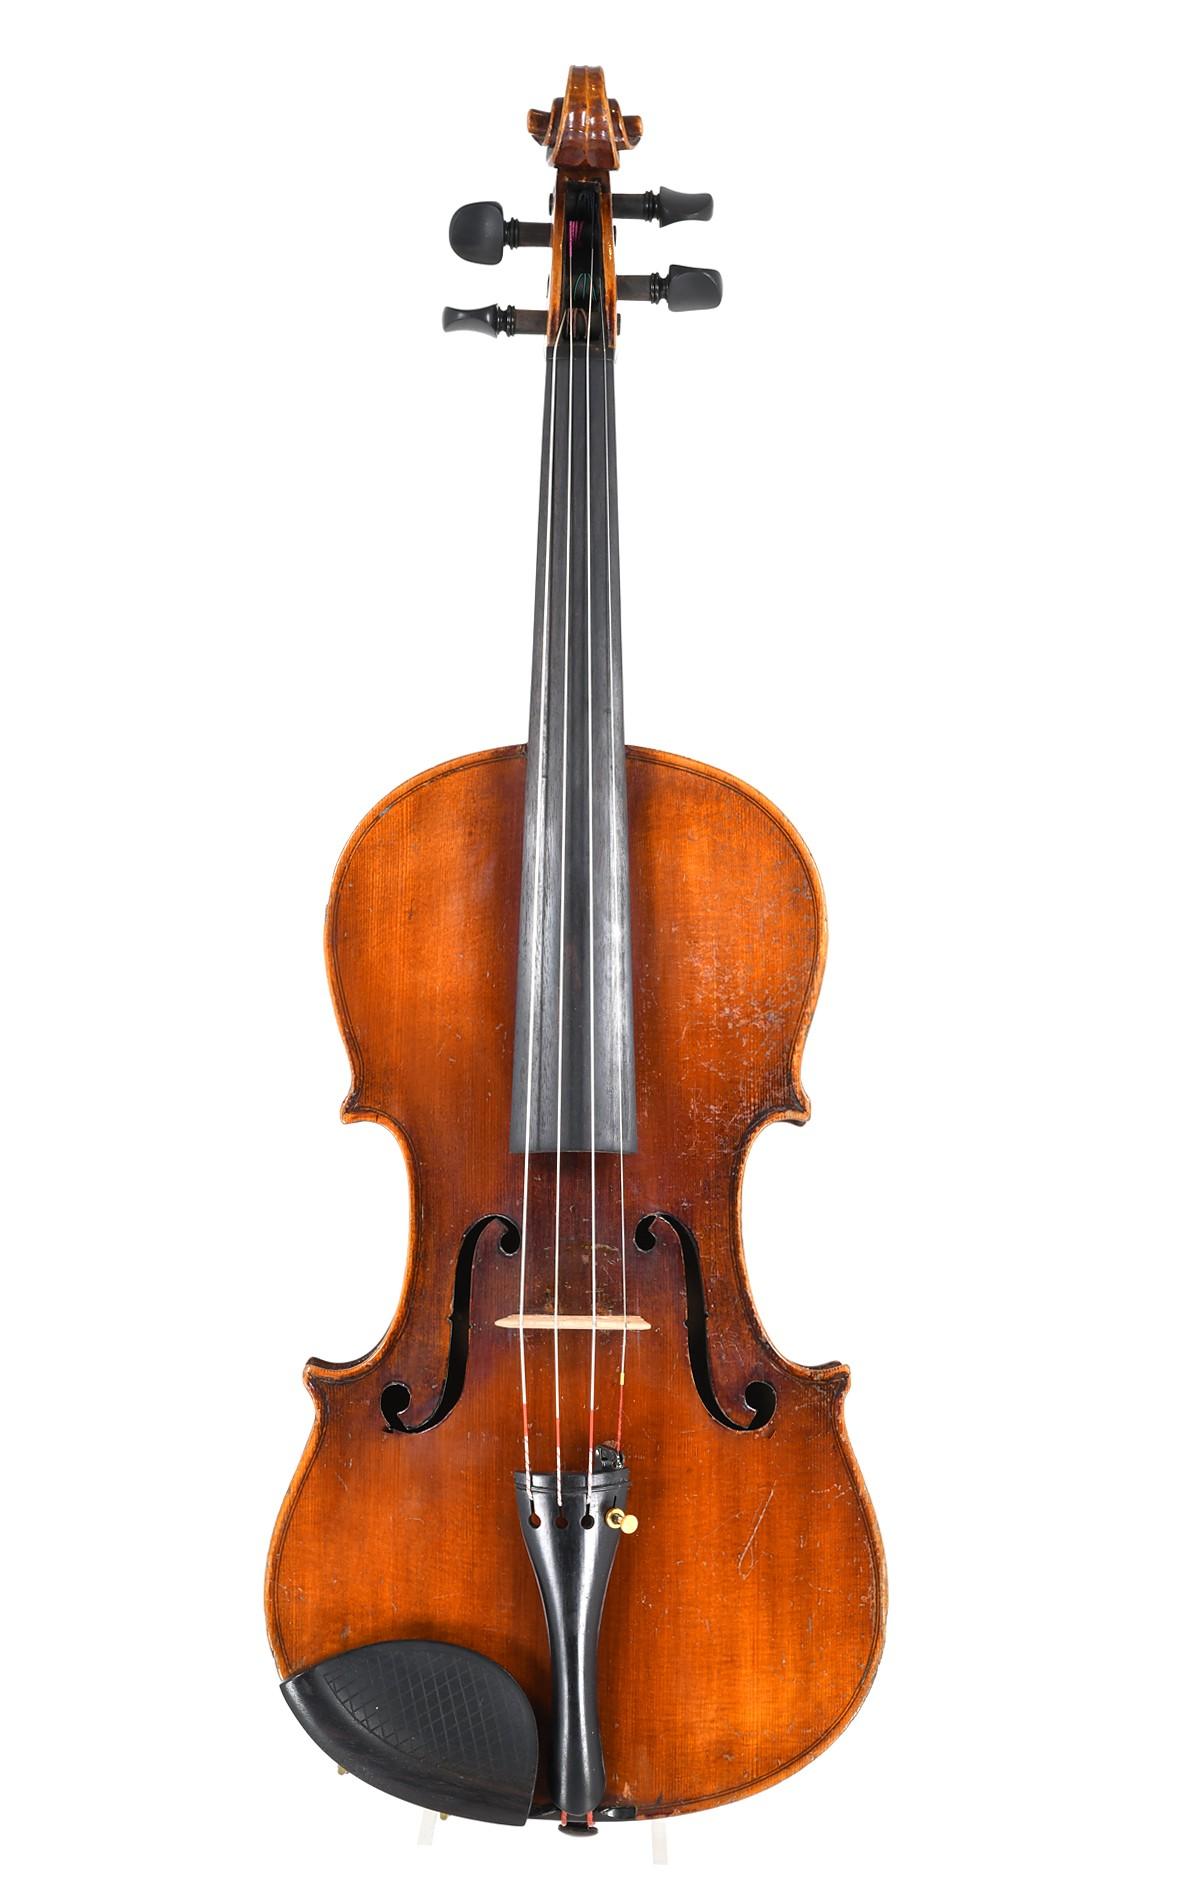 Markneukirchen violin by August Clemens Glier